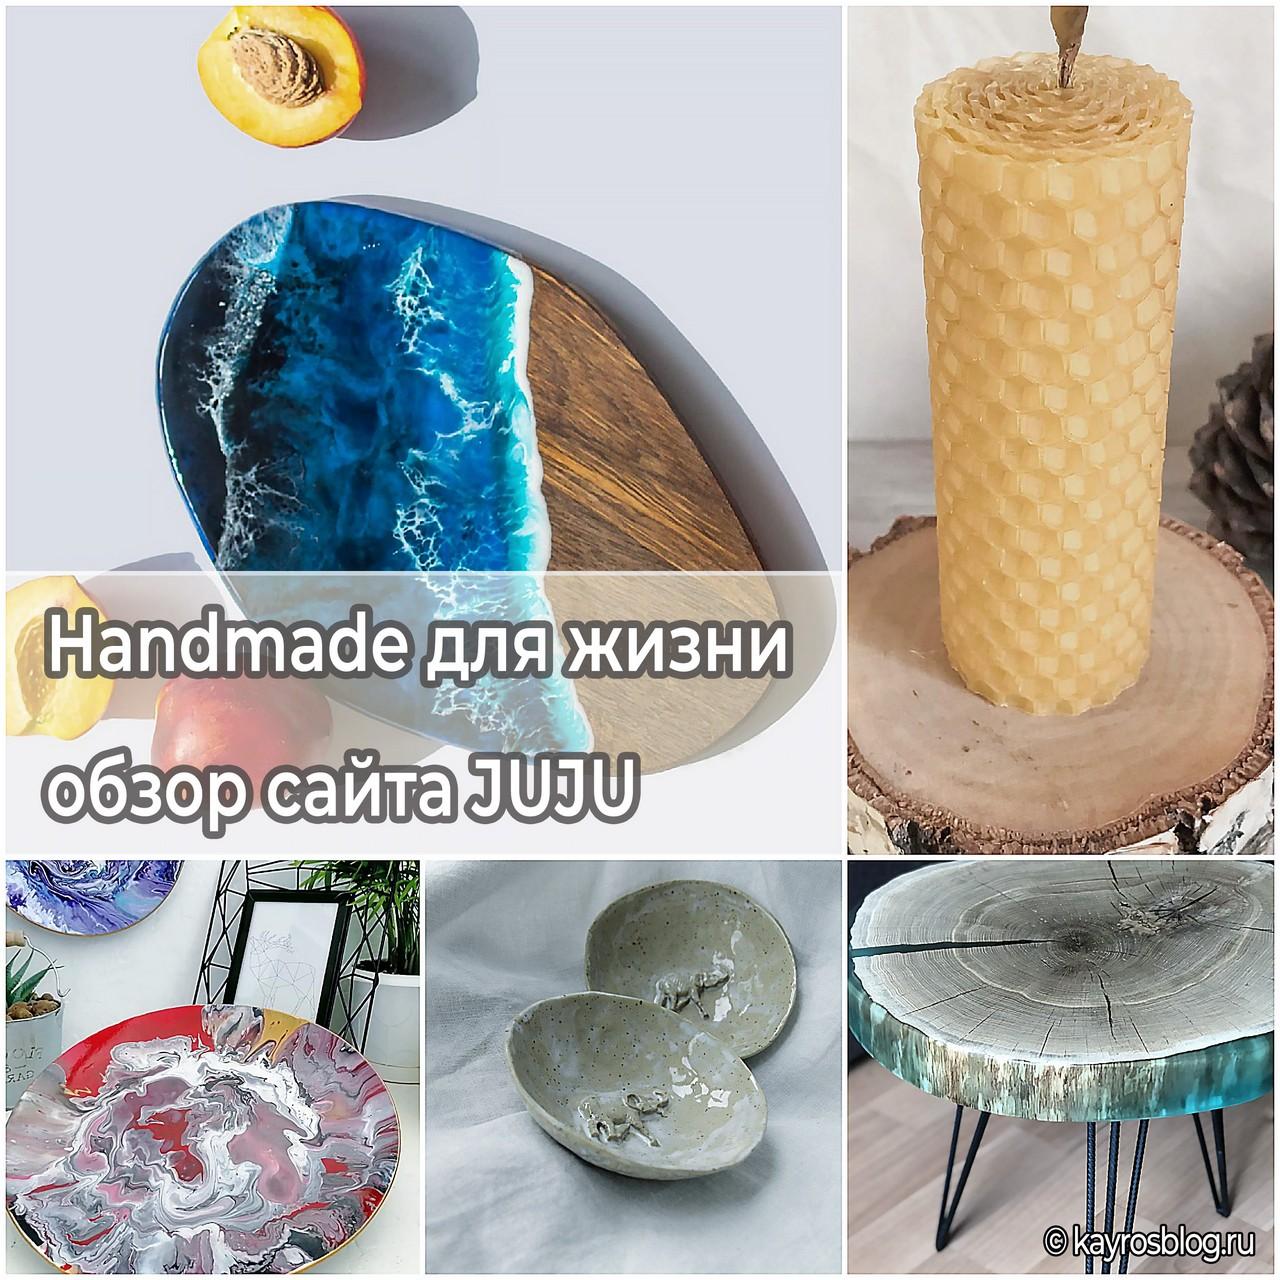 Handmade для жизни - обзор сайта JUJU